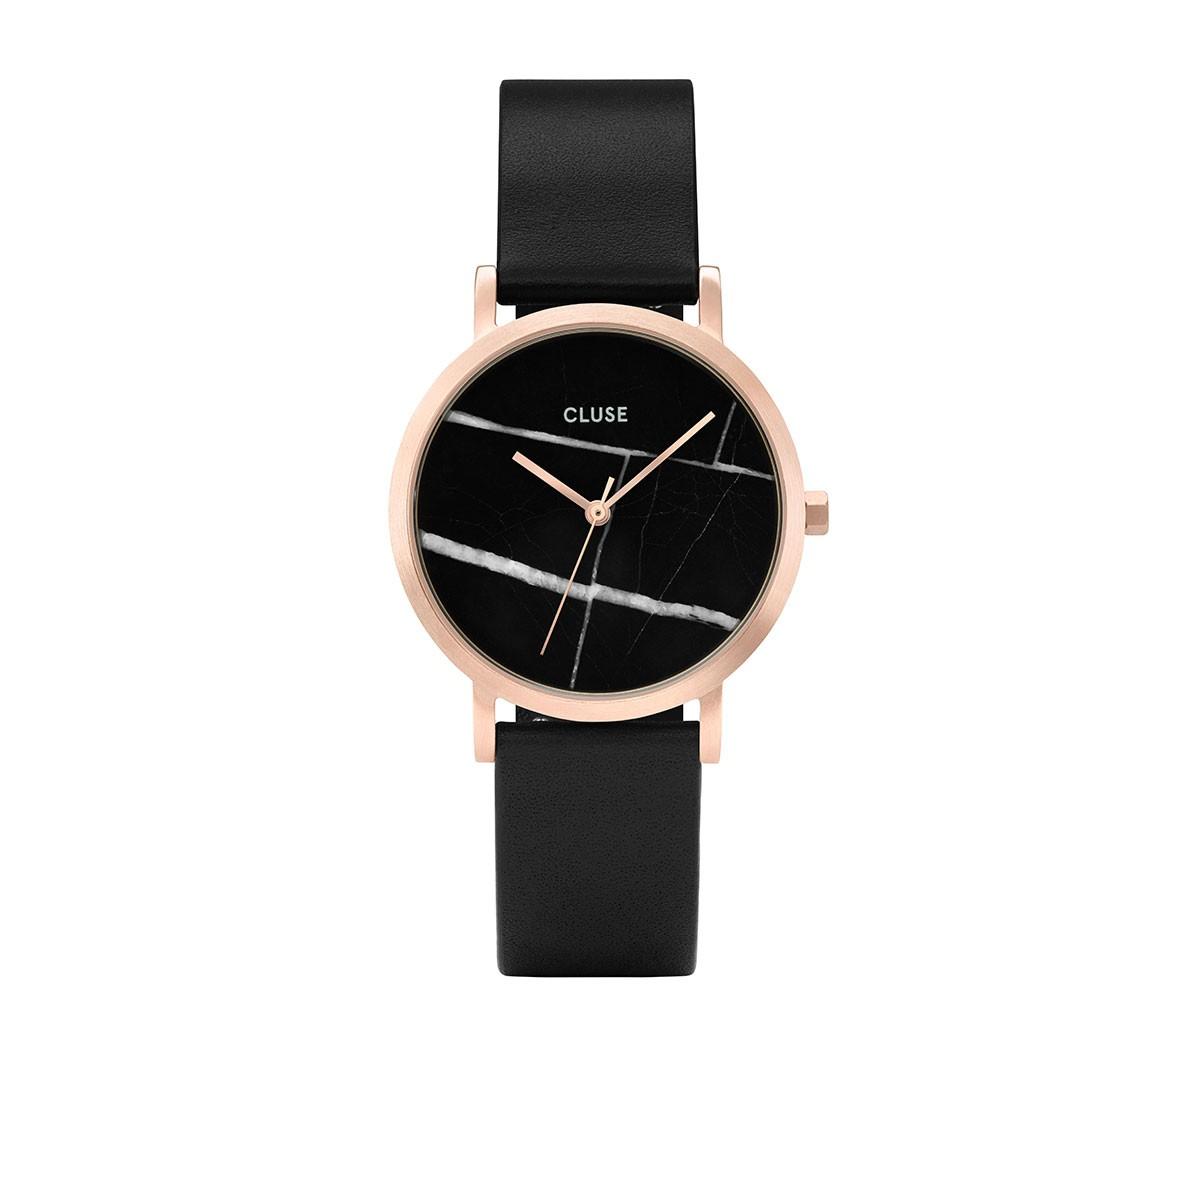 montre cluse rose et noir